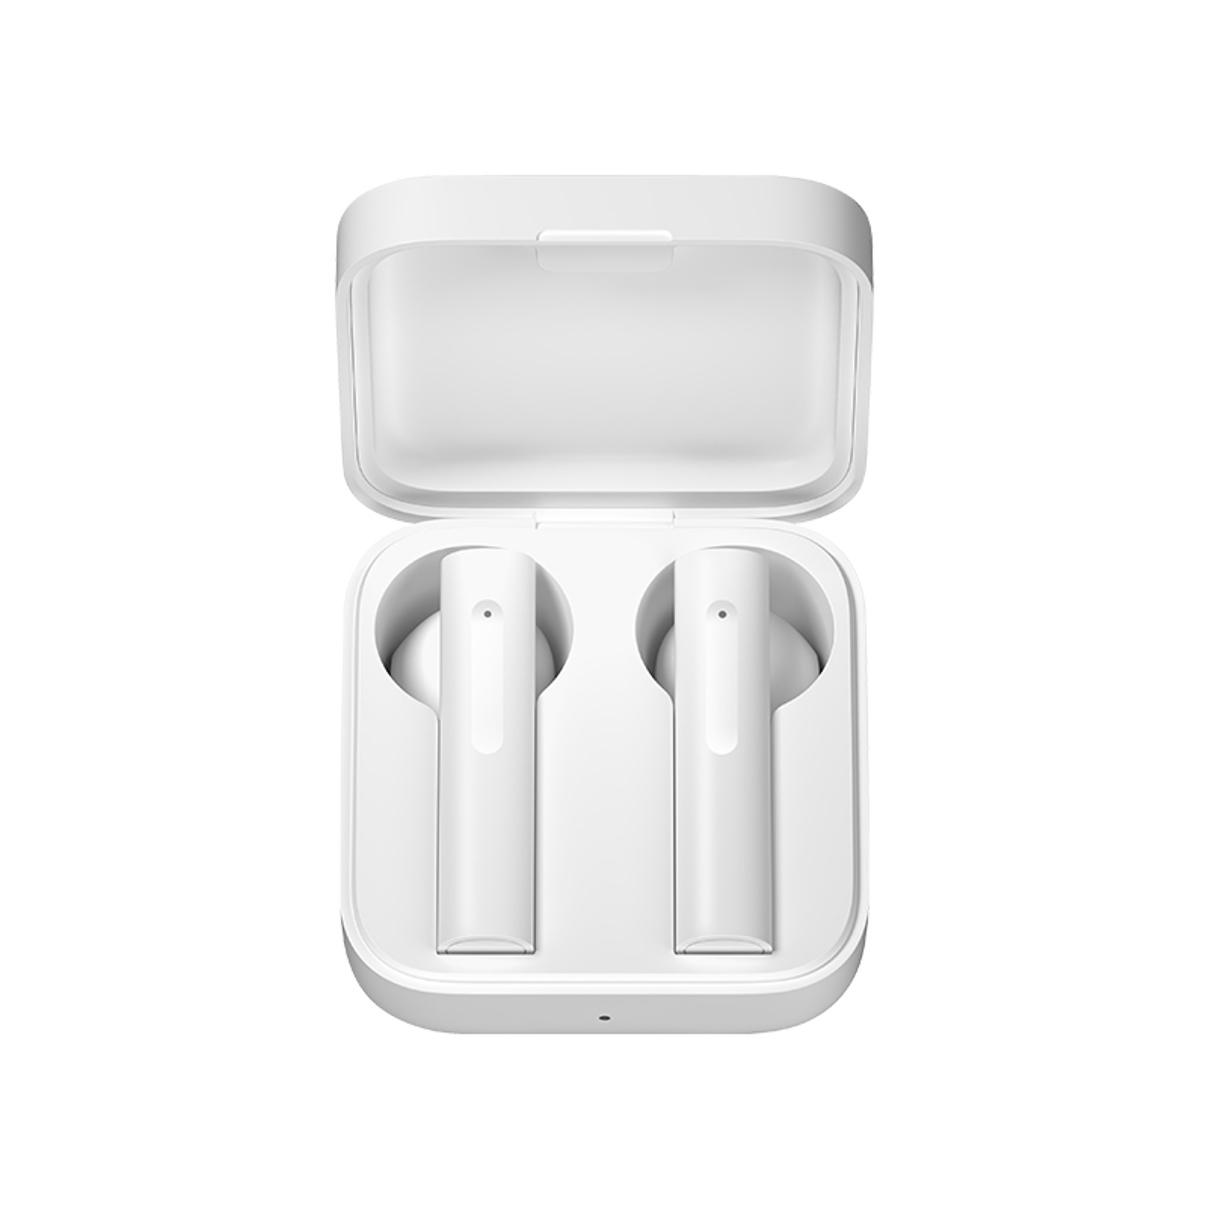 Xiaomi Mi AirDots 2 SE 3 1208x1208x